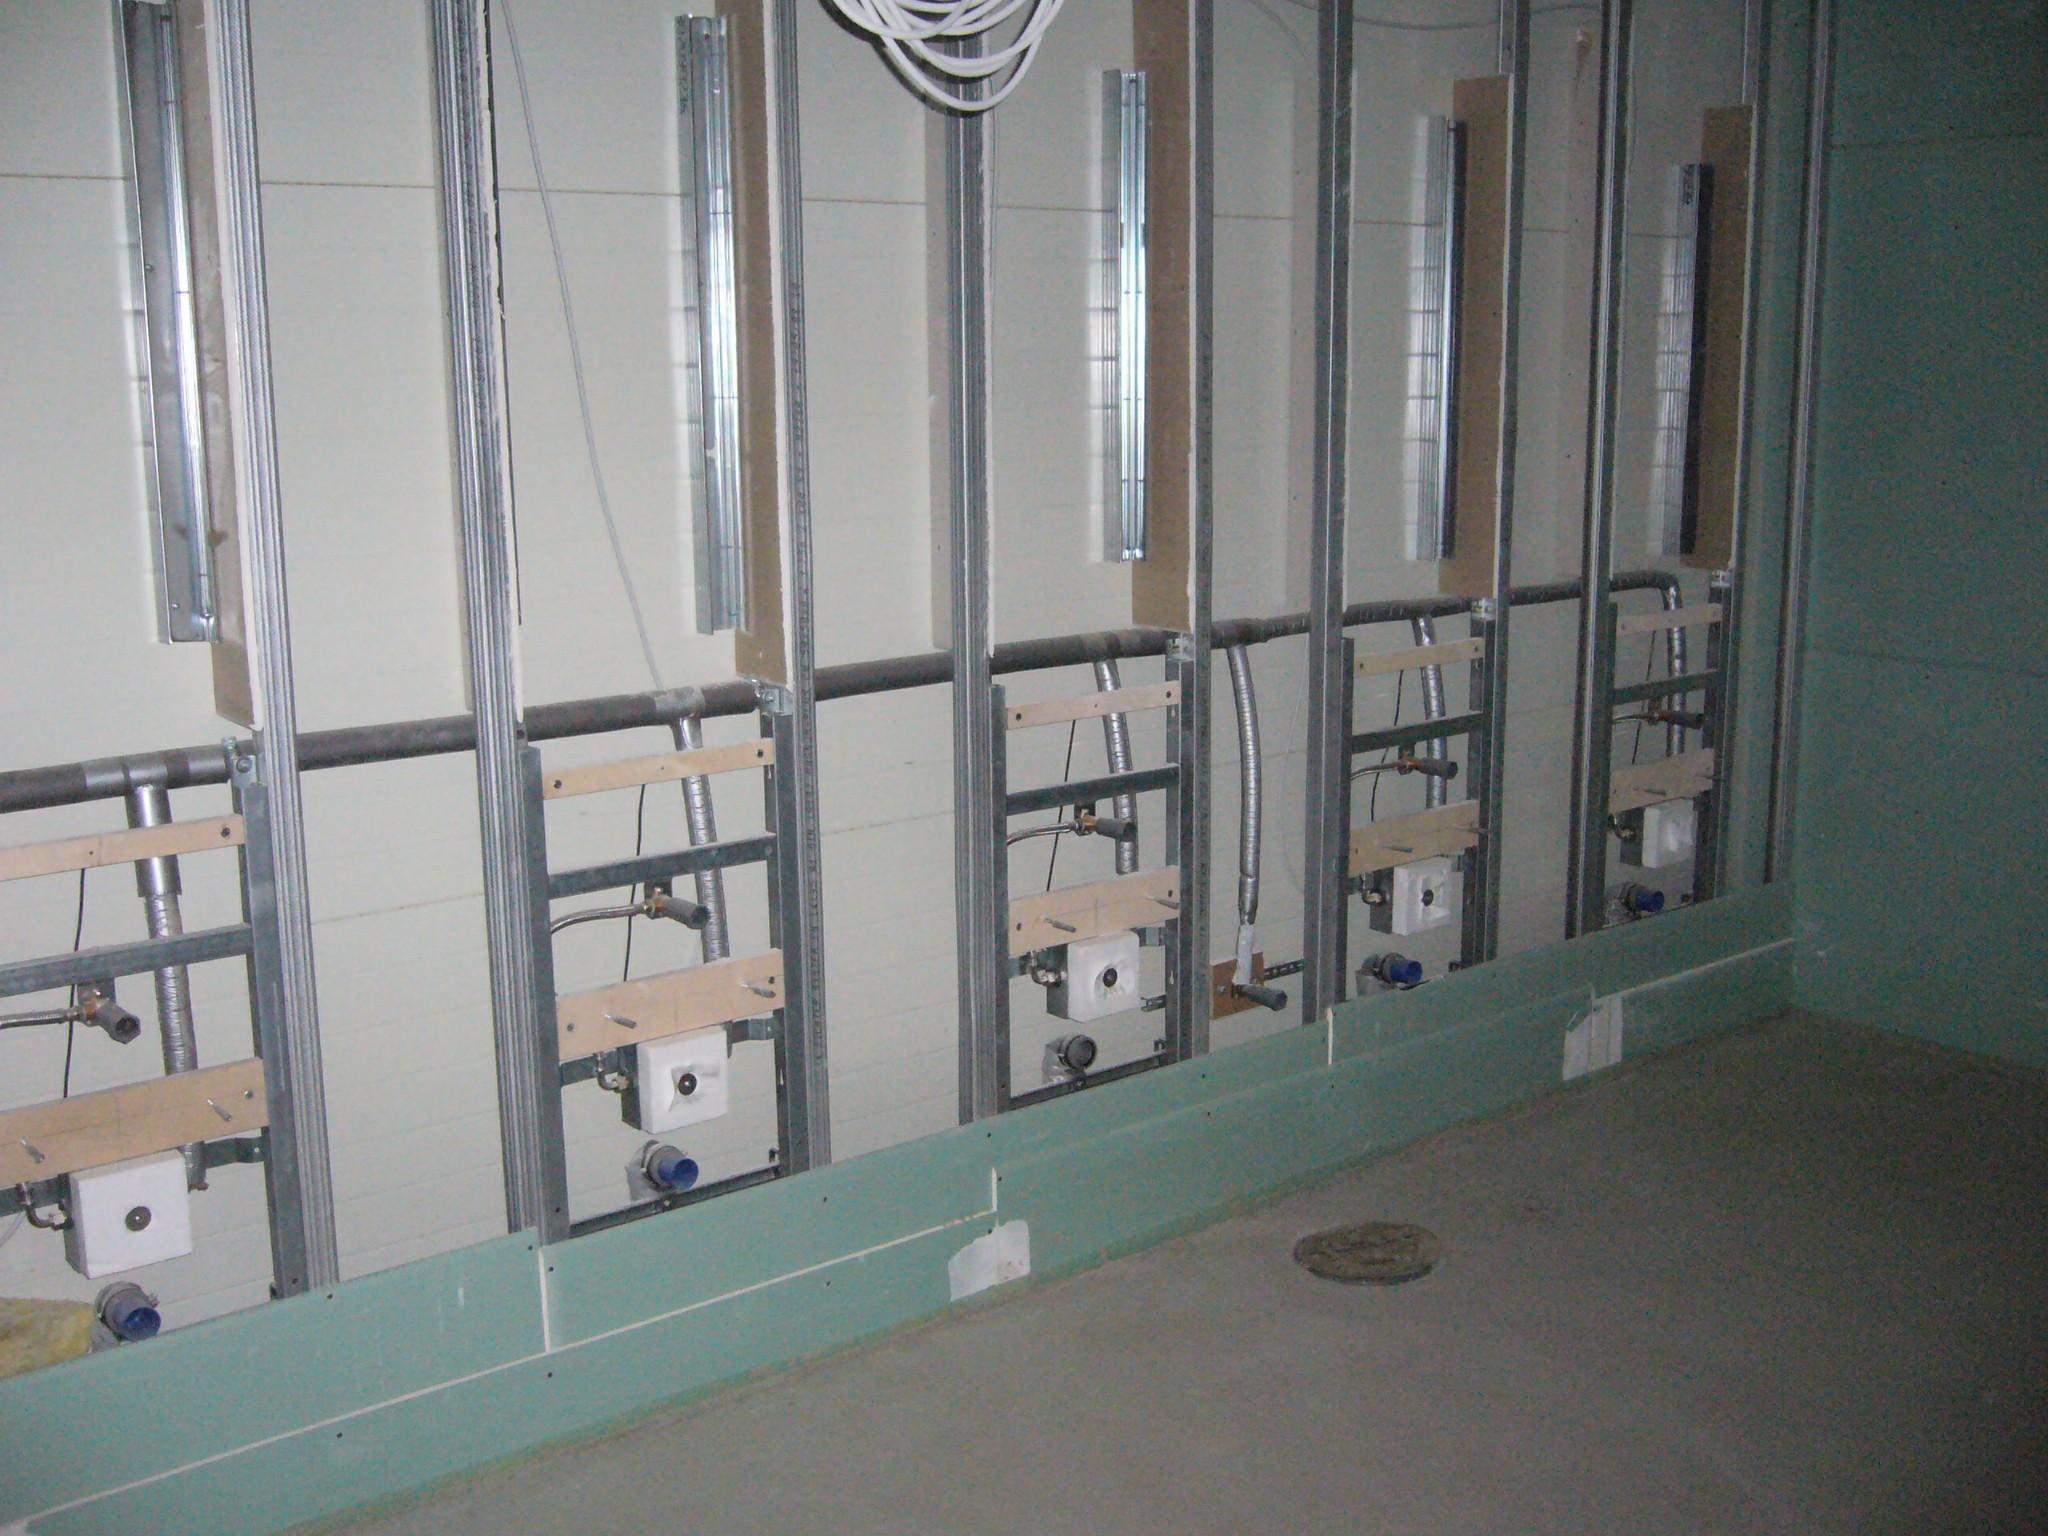 Foto: Reihen Urinalanlage mit Montagegestellen im gewerblichen Bereich